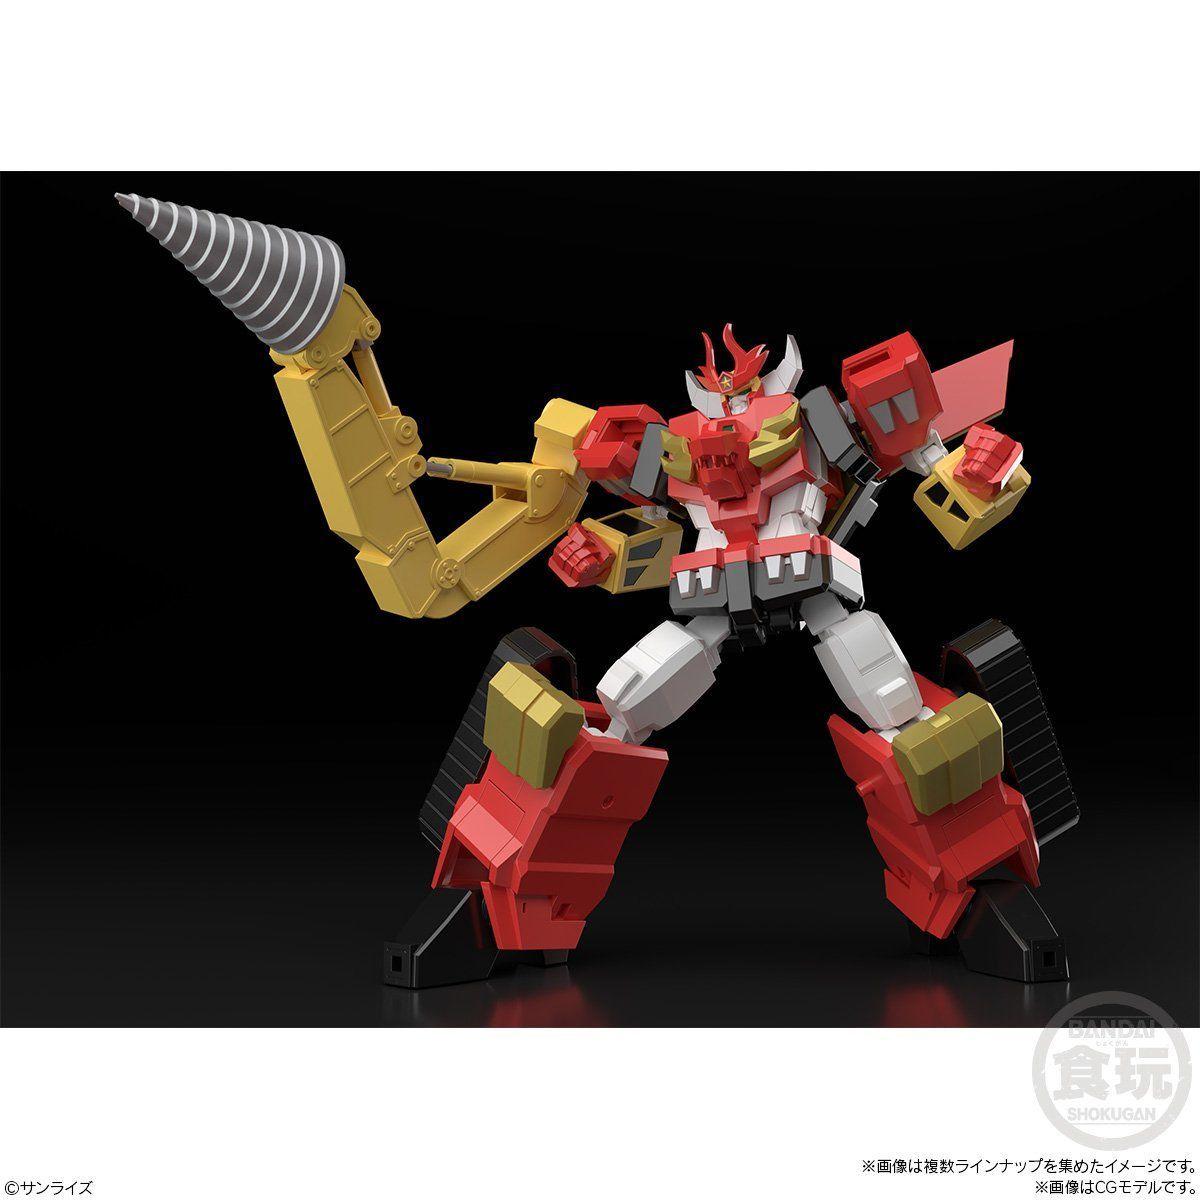 【食玩】スーパーミニプラ『勇者指令ダグオン2』勇者指令ダグオン 3個入りBOX-003